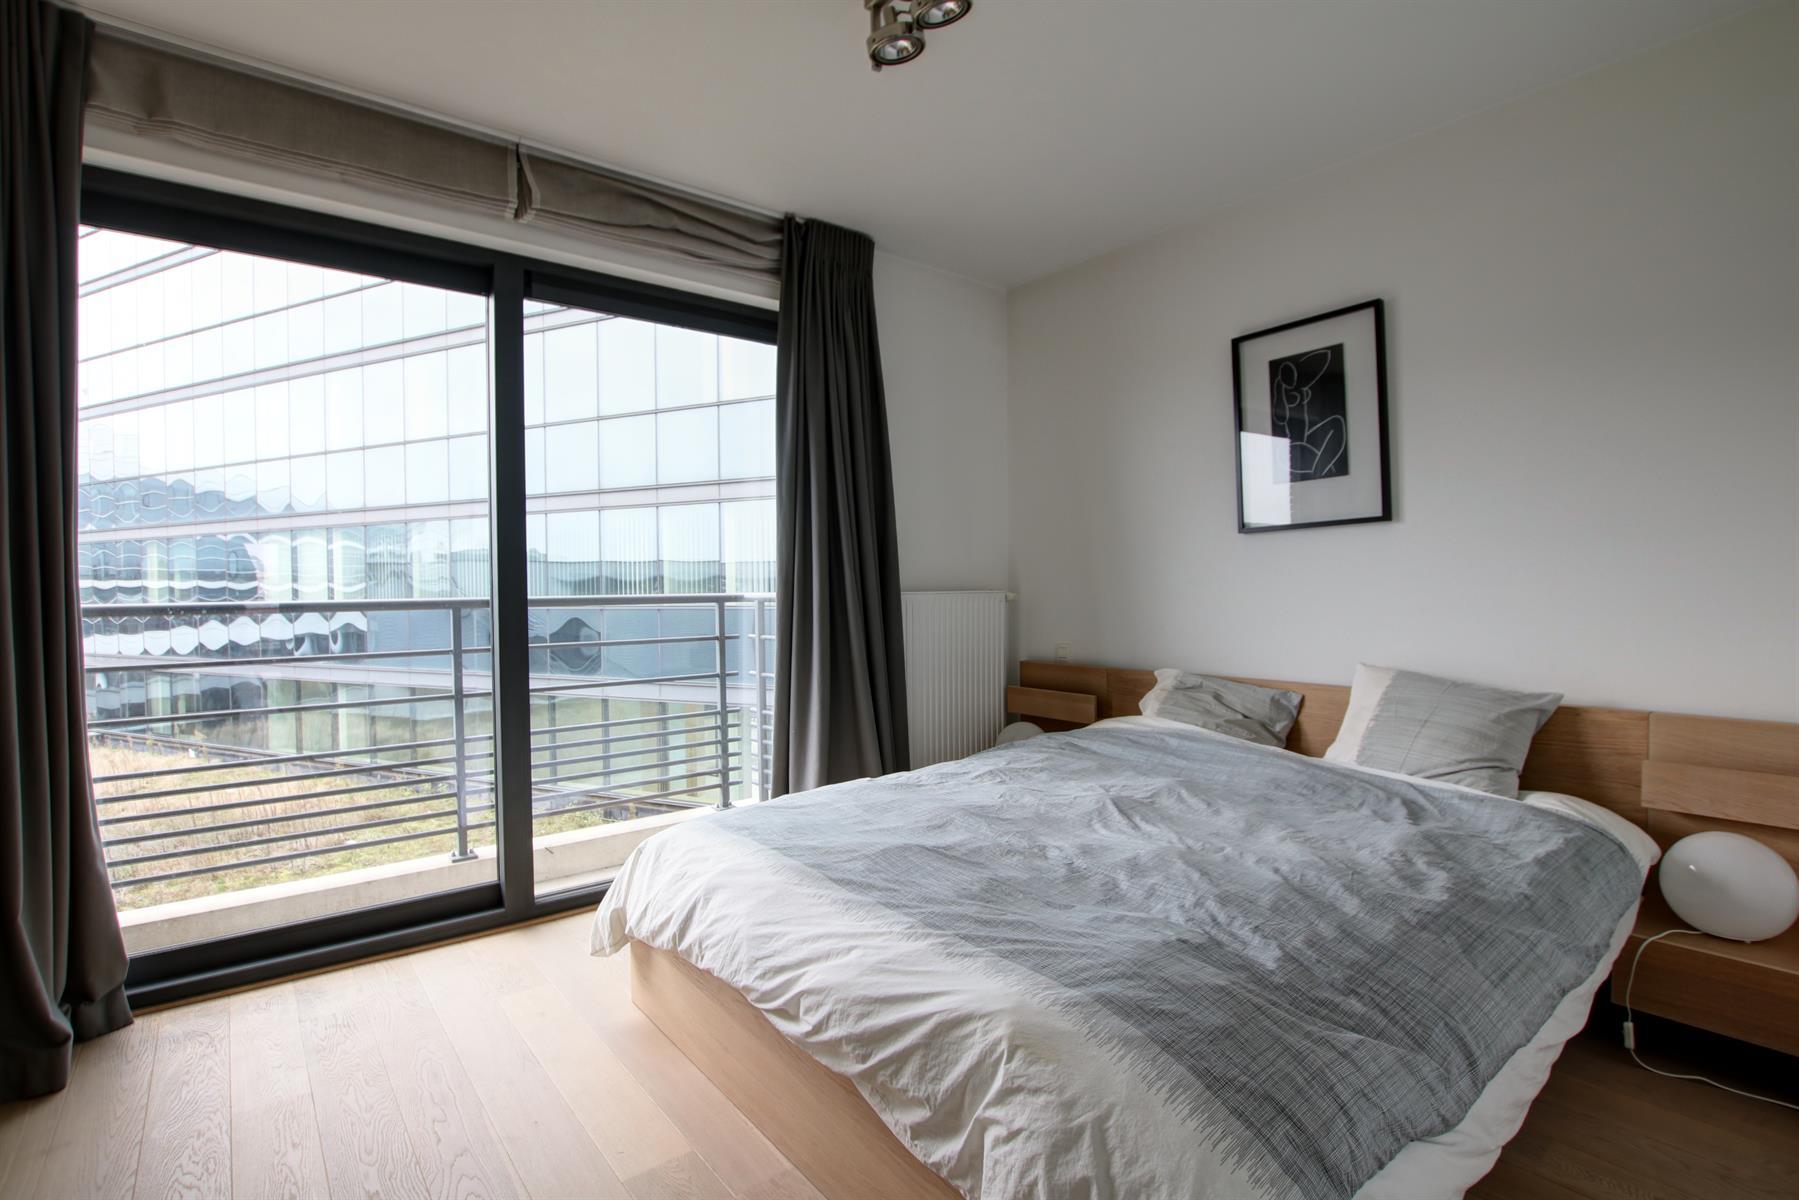 Flat - Ixelles - #4251196-3